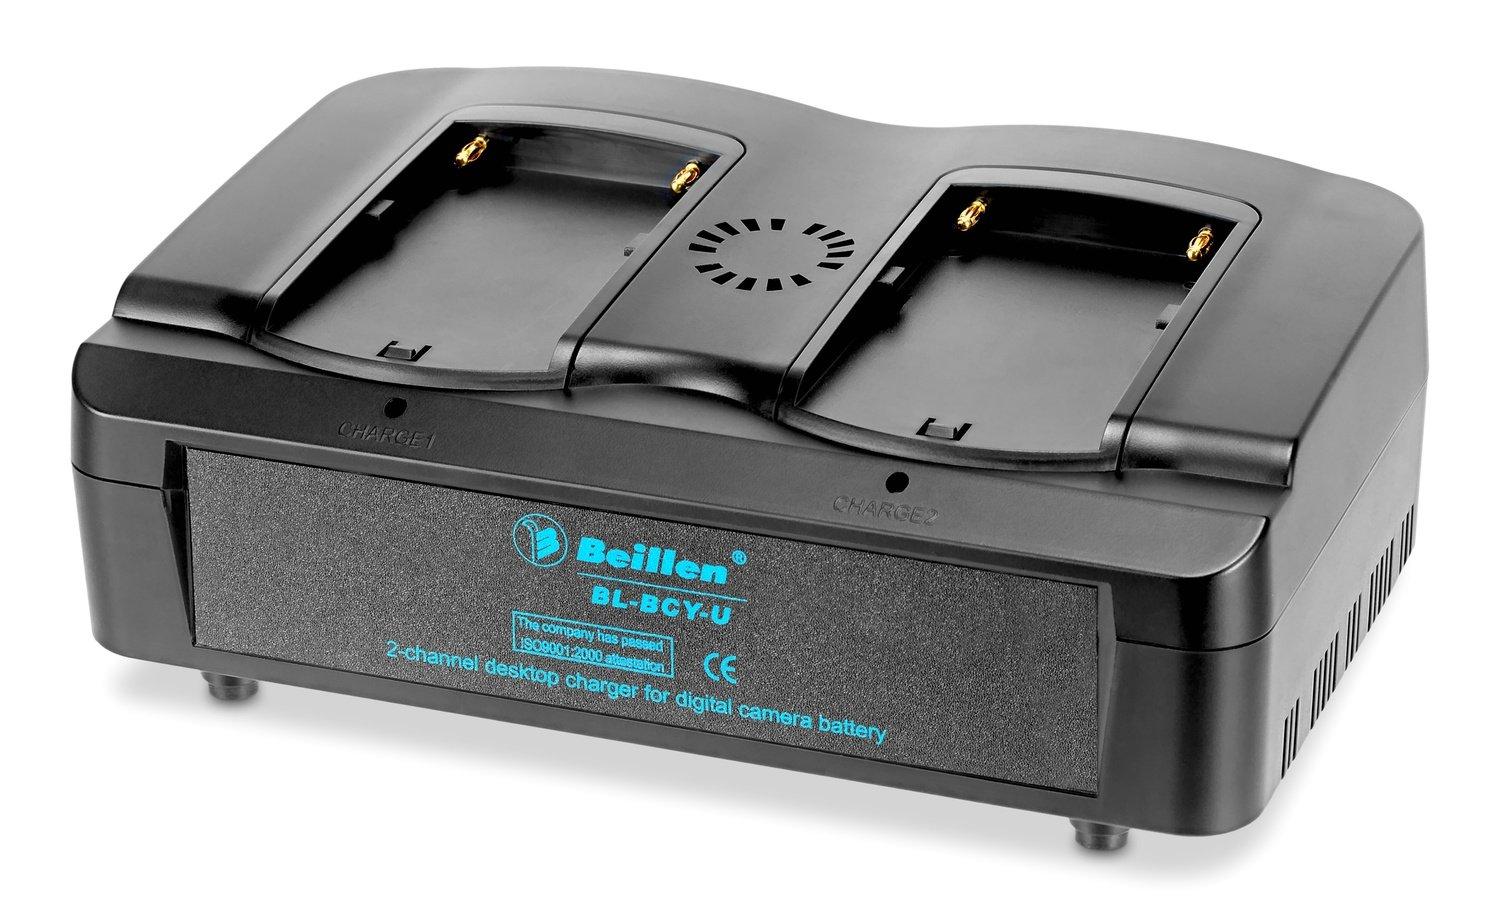 BEILLEN BL-BCY-U paralleles Schnellladegerät für Sony BP-U Akkus.